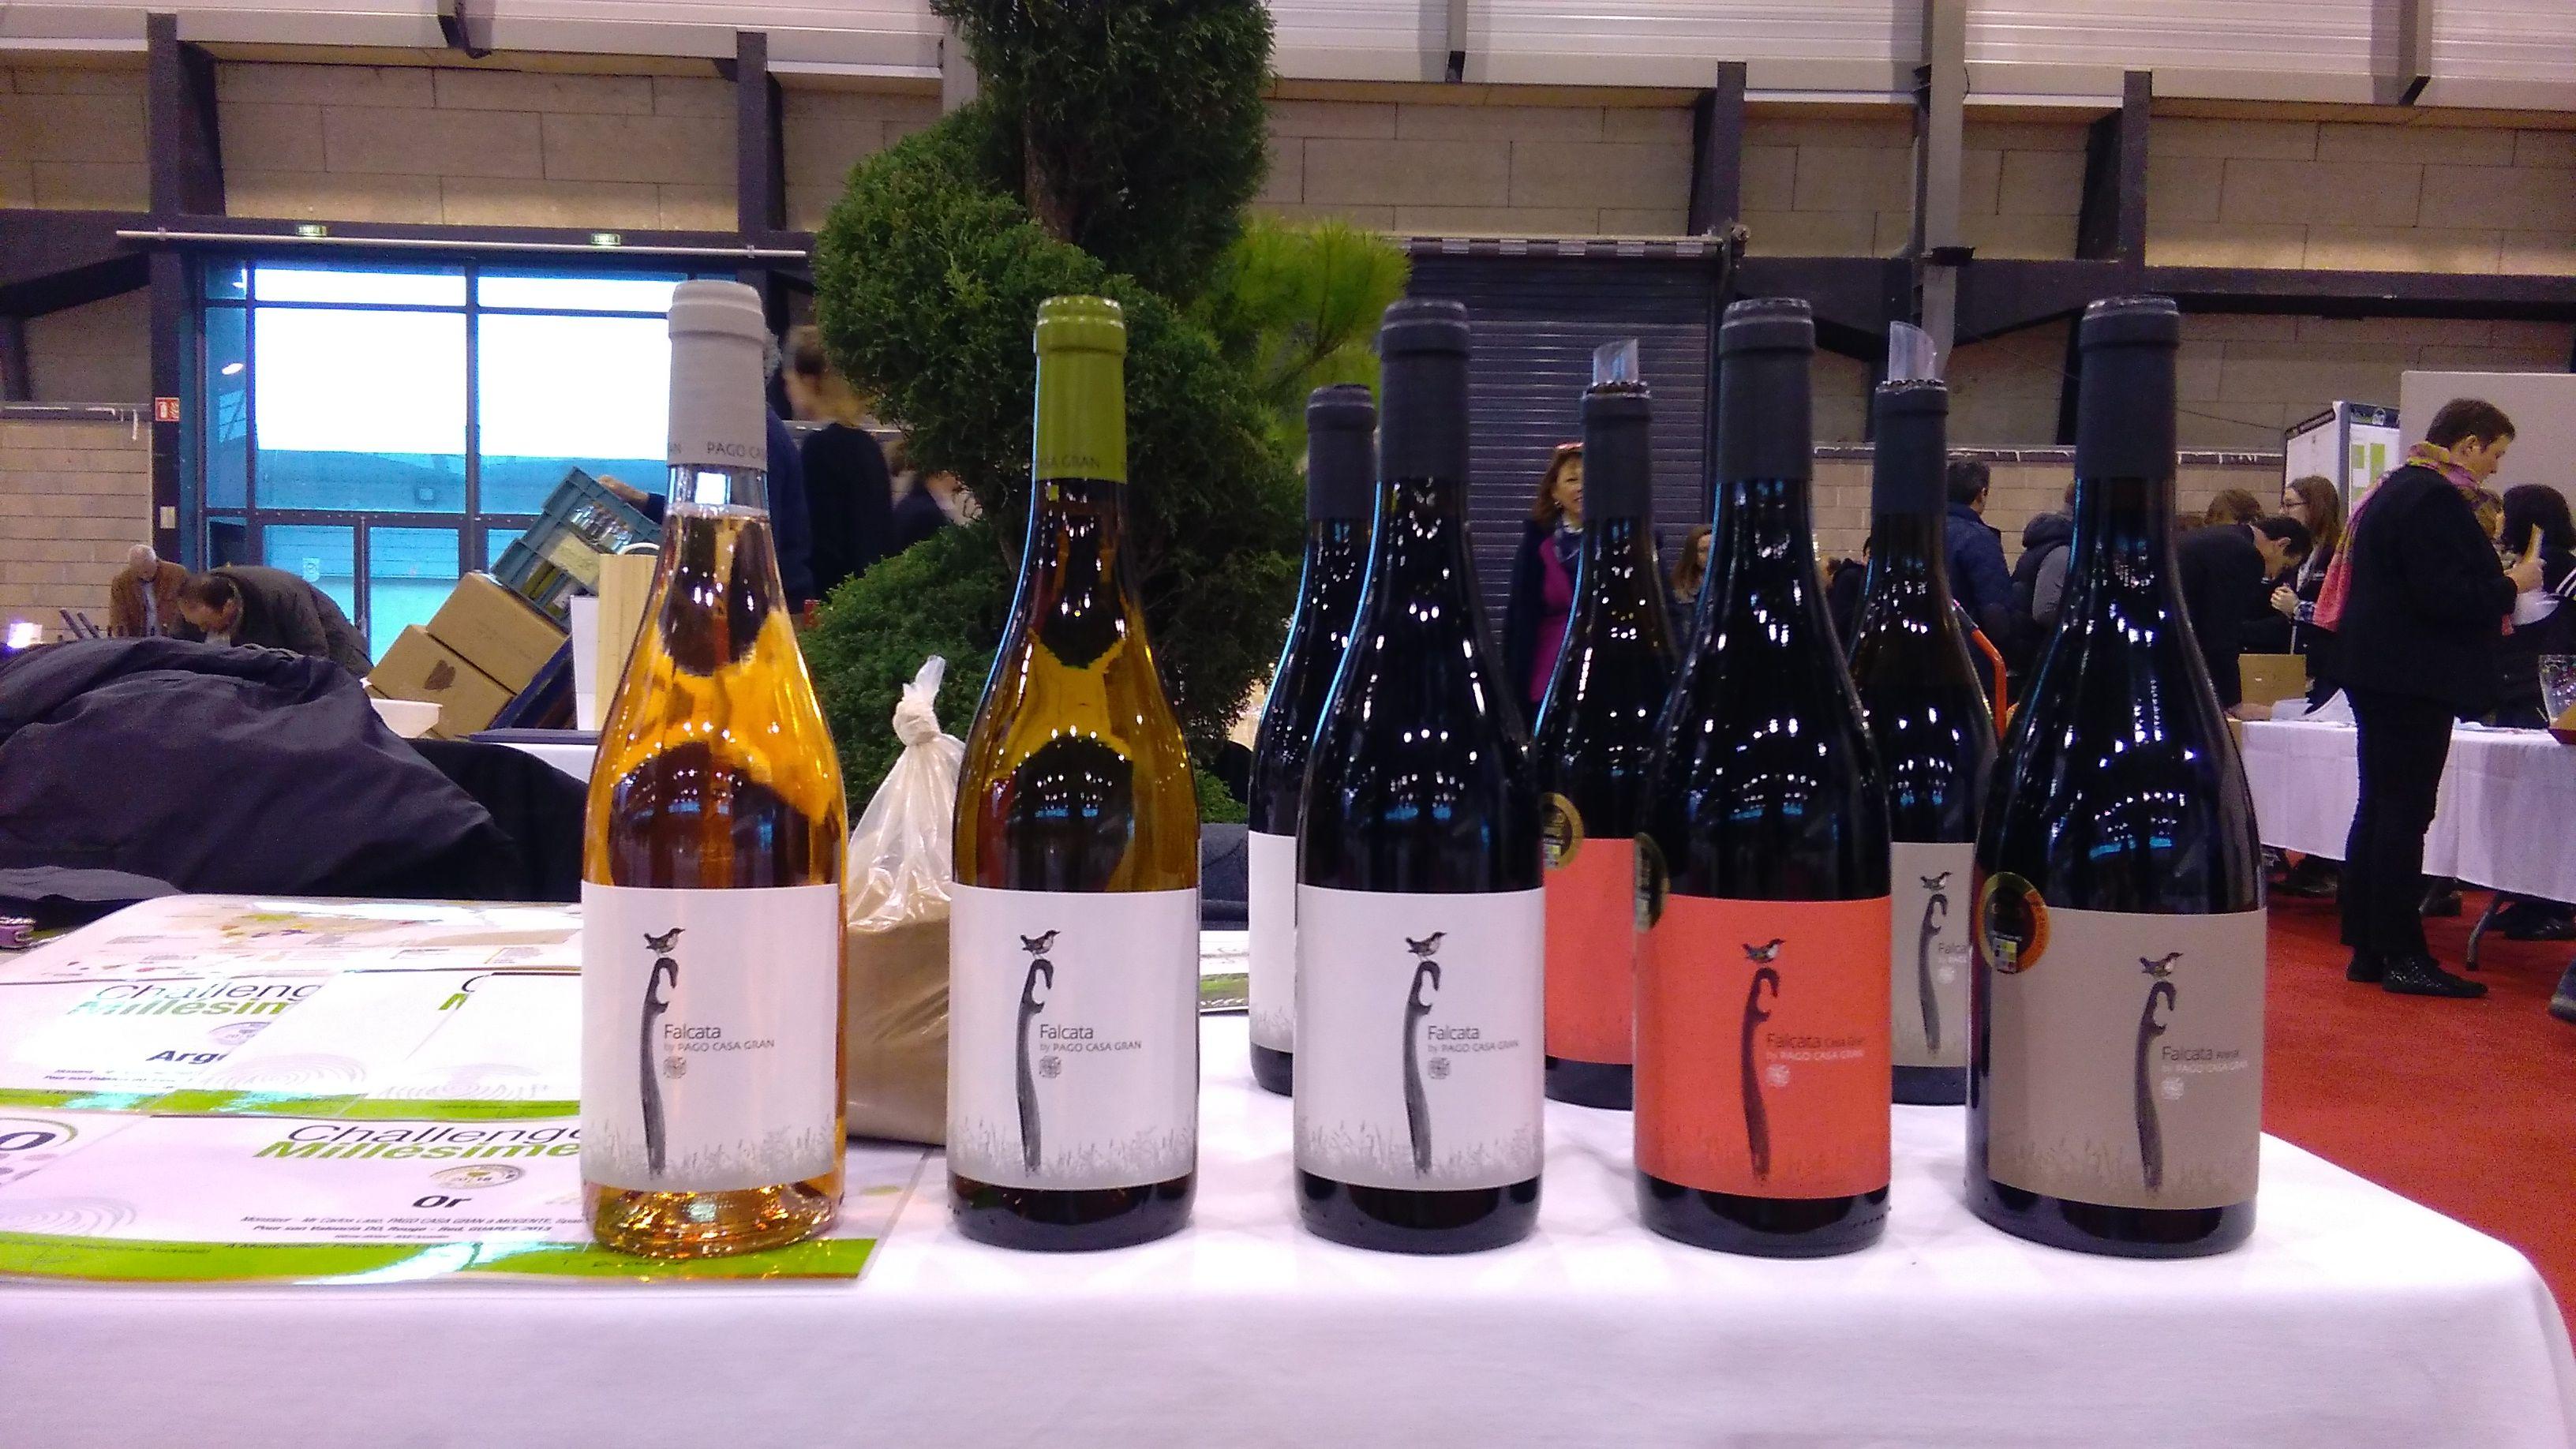 Diseño de la etiqueta para la variedad Falcatade Bodegas Pago Casa Gran en la Feria de Millesime Bio de Francia.